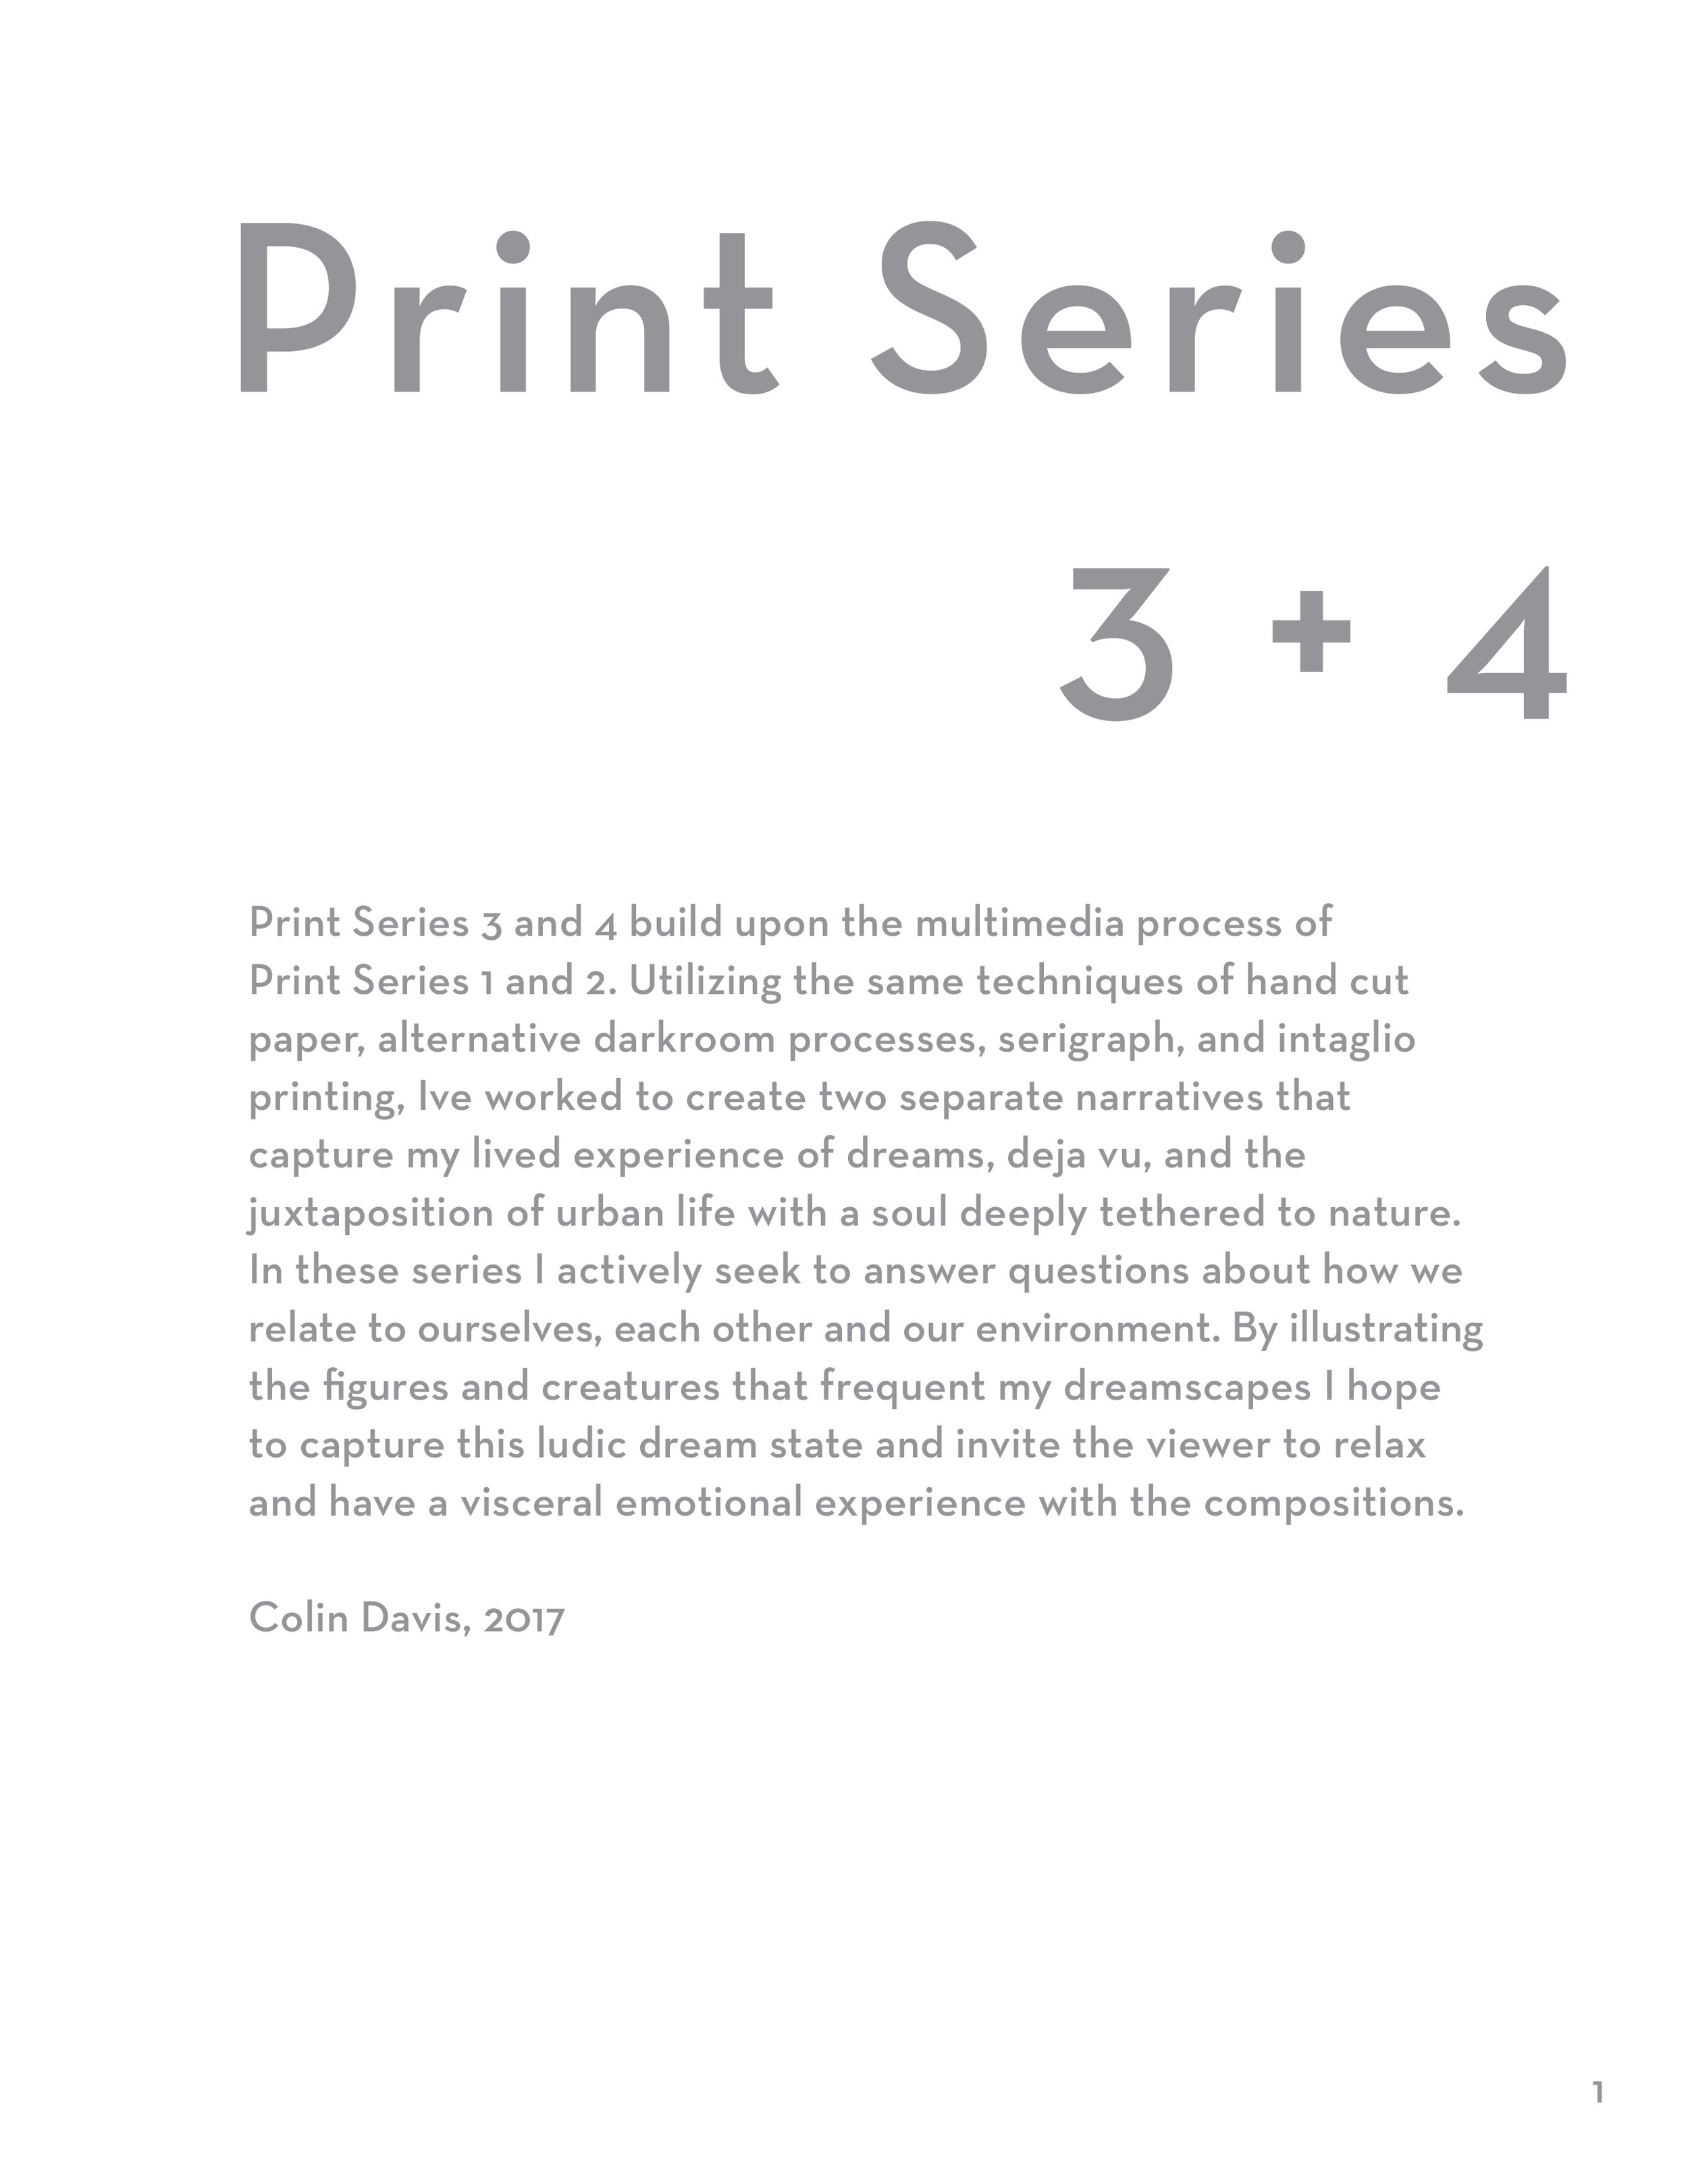 Printseries34.jpg